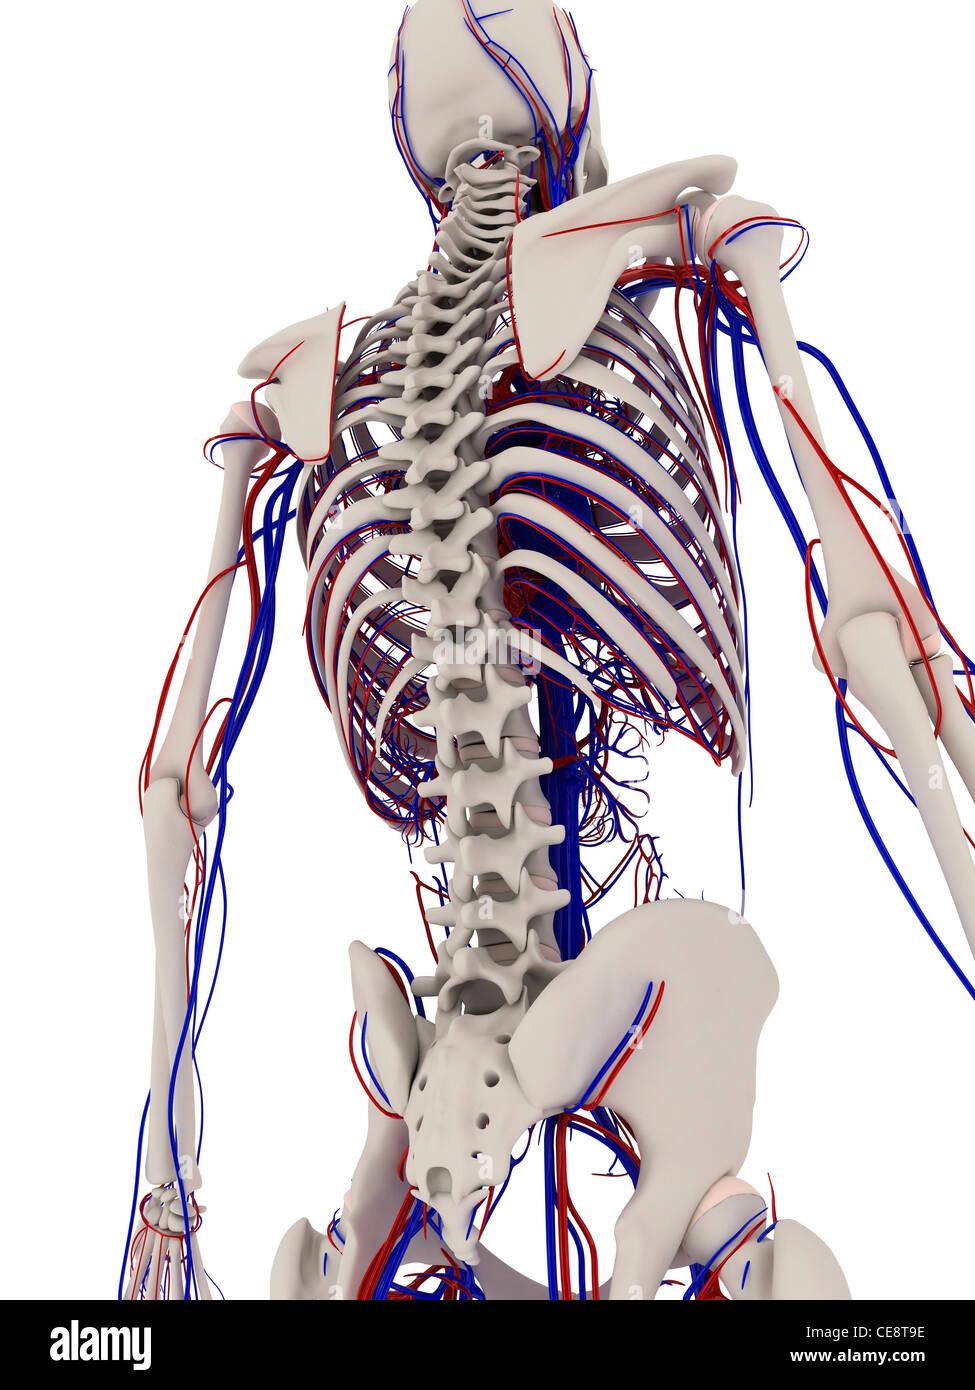 Anatomía Humana. Equipo ilustraciones mostrando los huesos y sistema ...